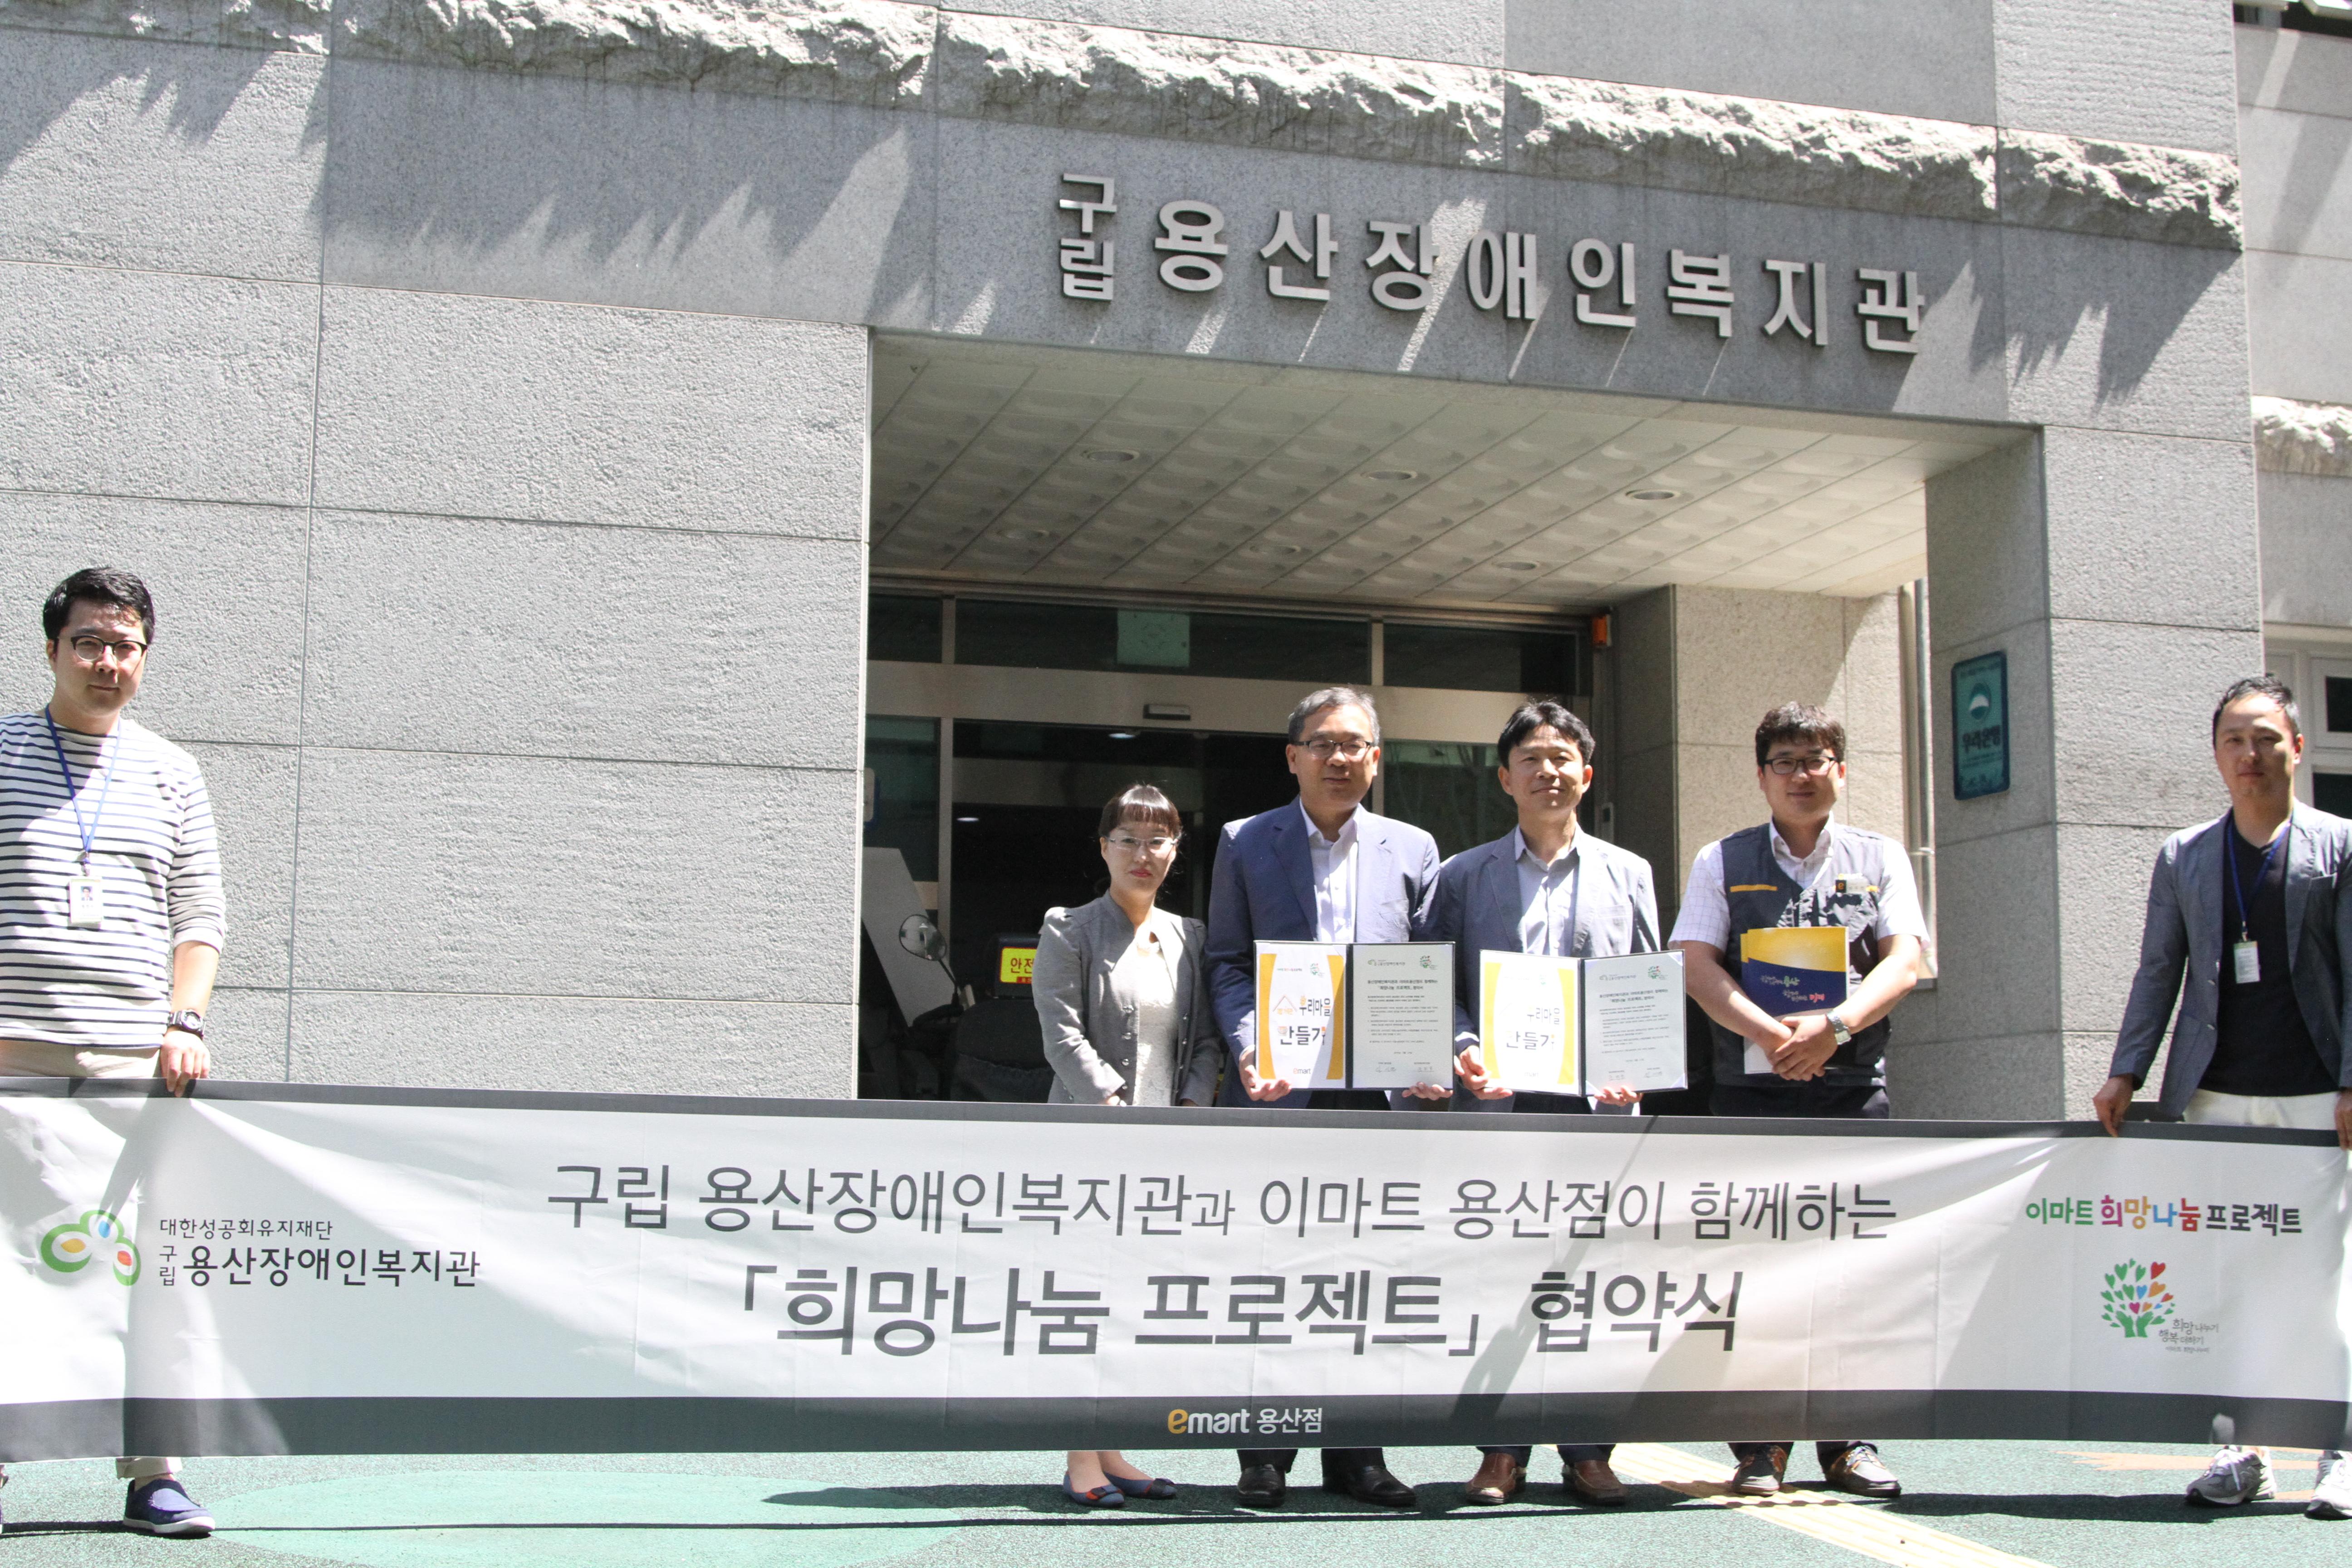 복지관 1층에서 이마트용산점 점장님과 용산장애인복지관 관장님의 업무협약 기념 사진 촬영